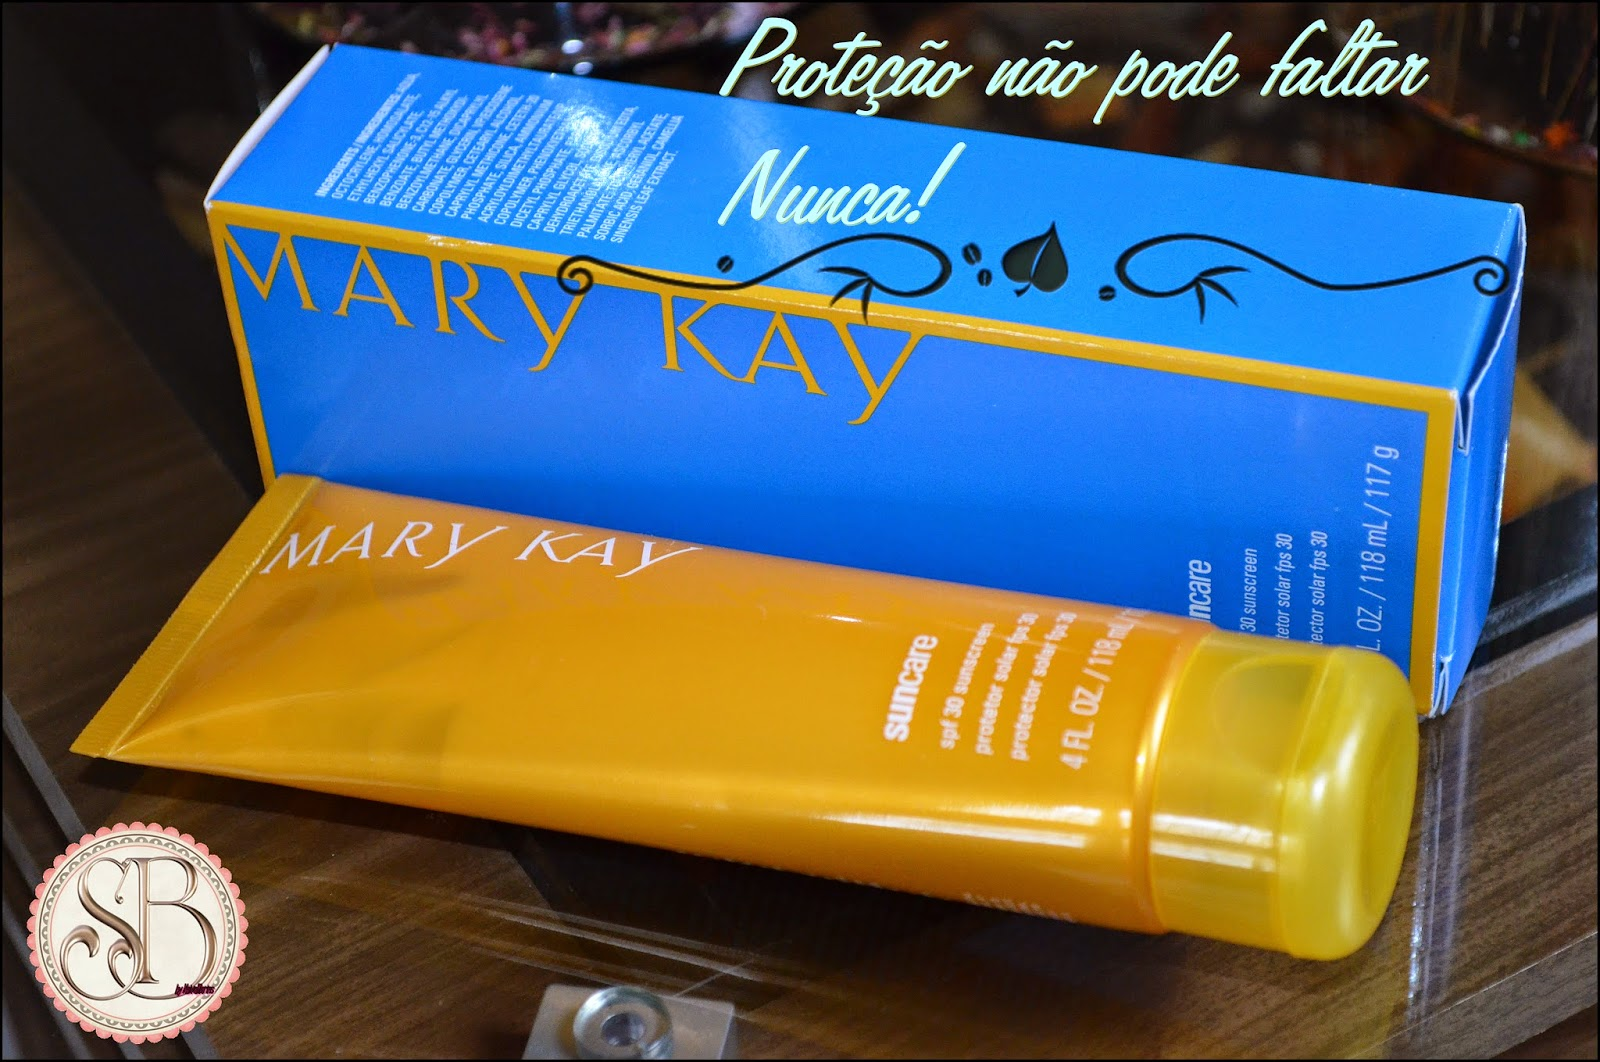 Somando Beleza, Neiva Marins, Protetor Solar Mary Kay, Lip Balm Eos